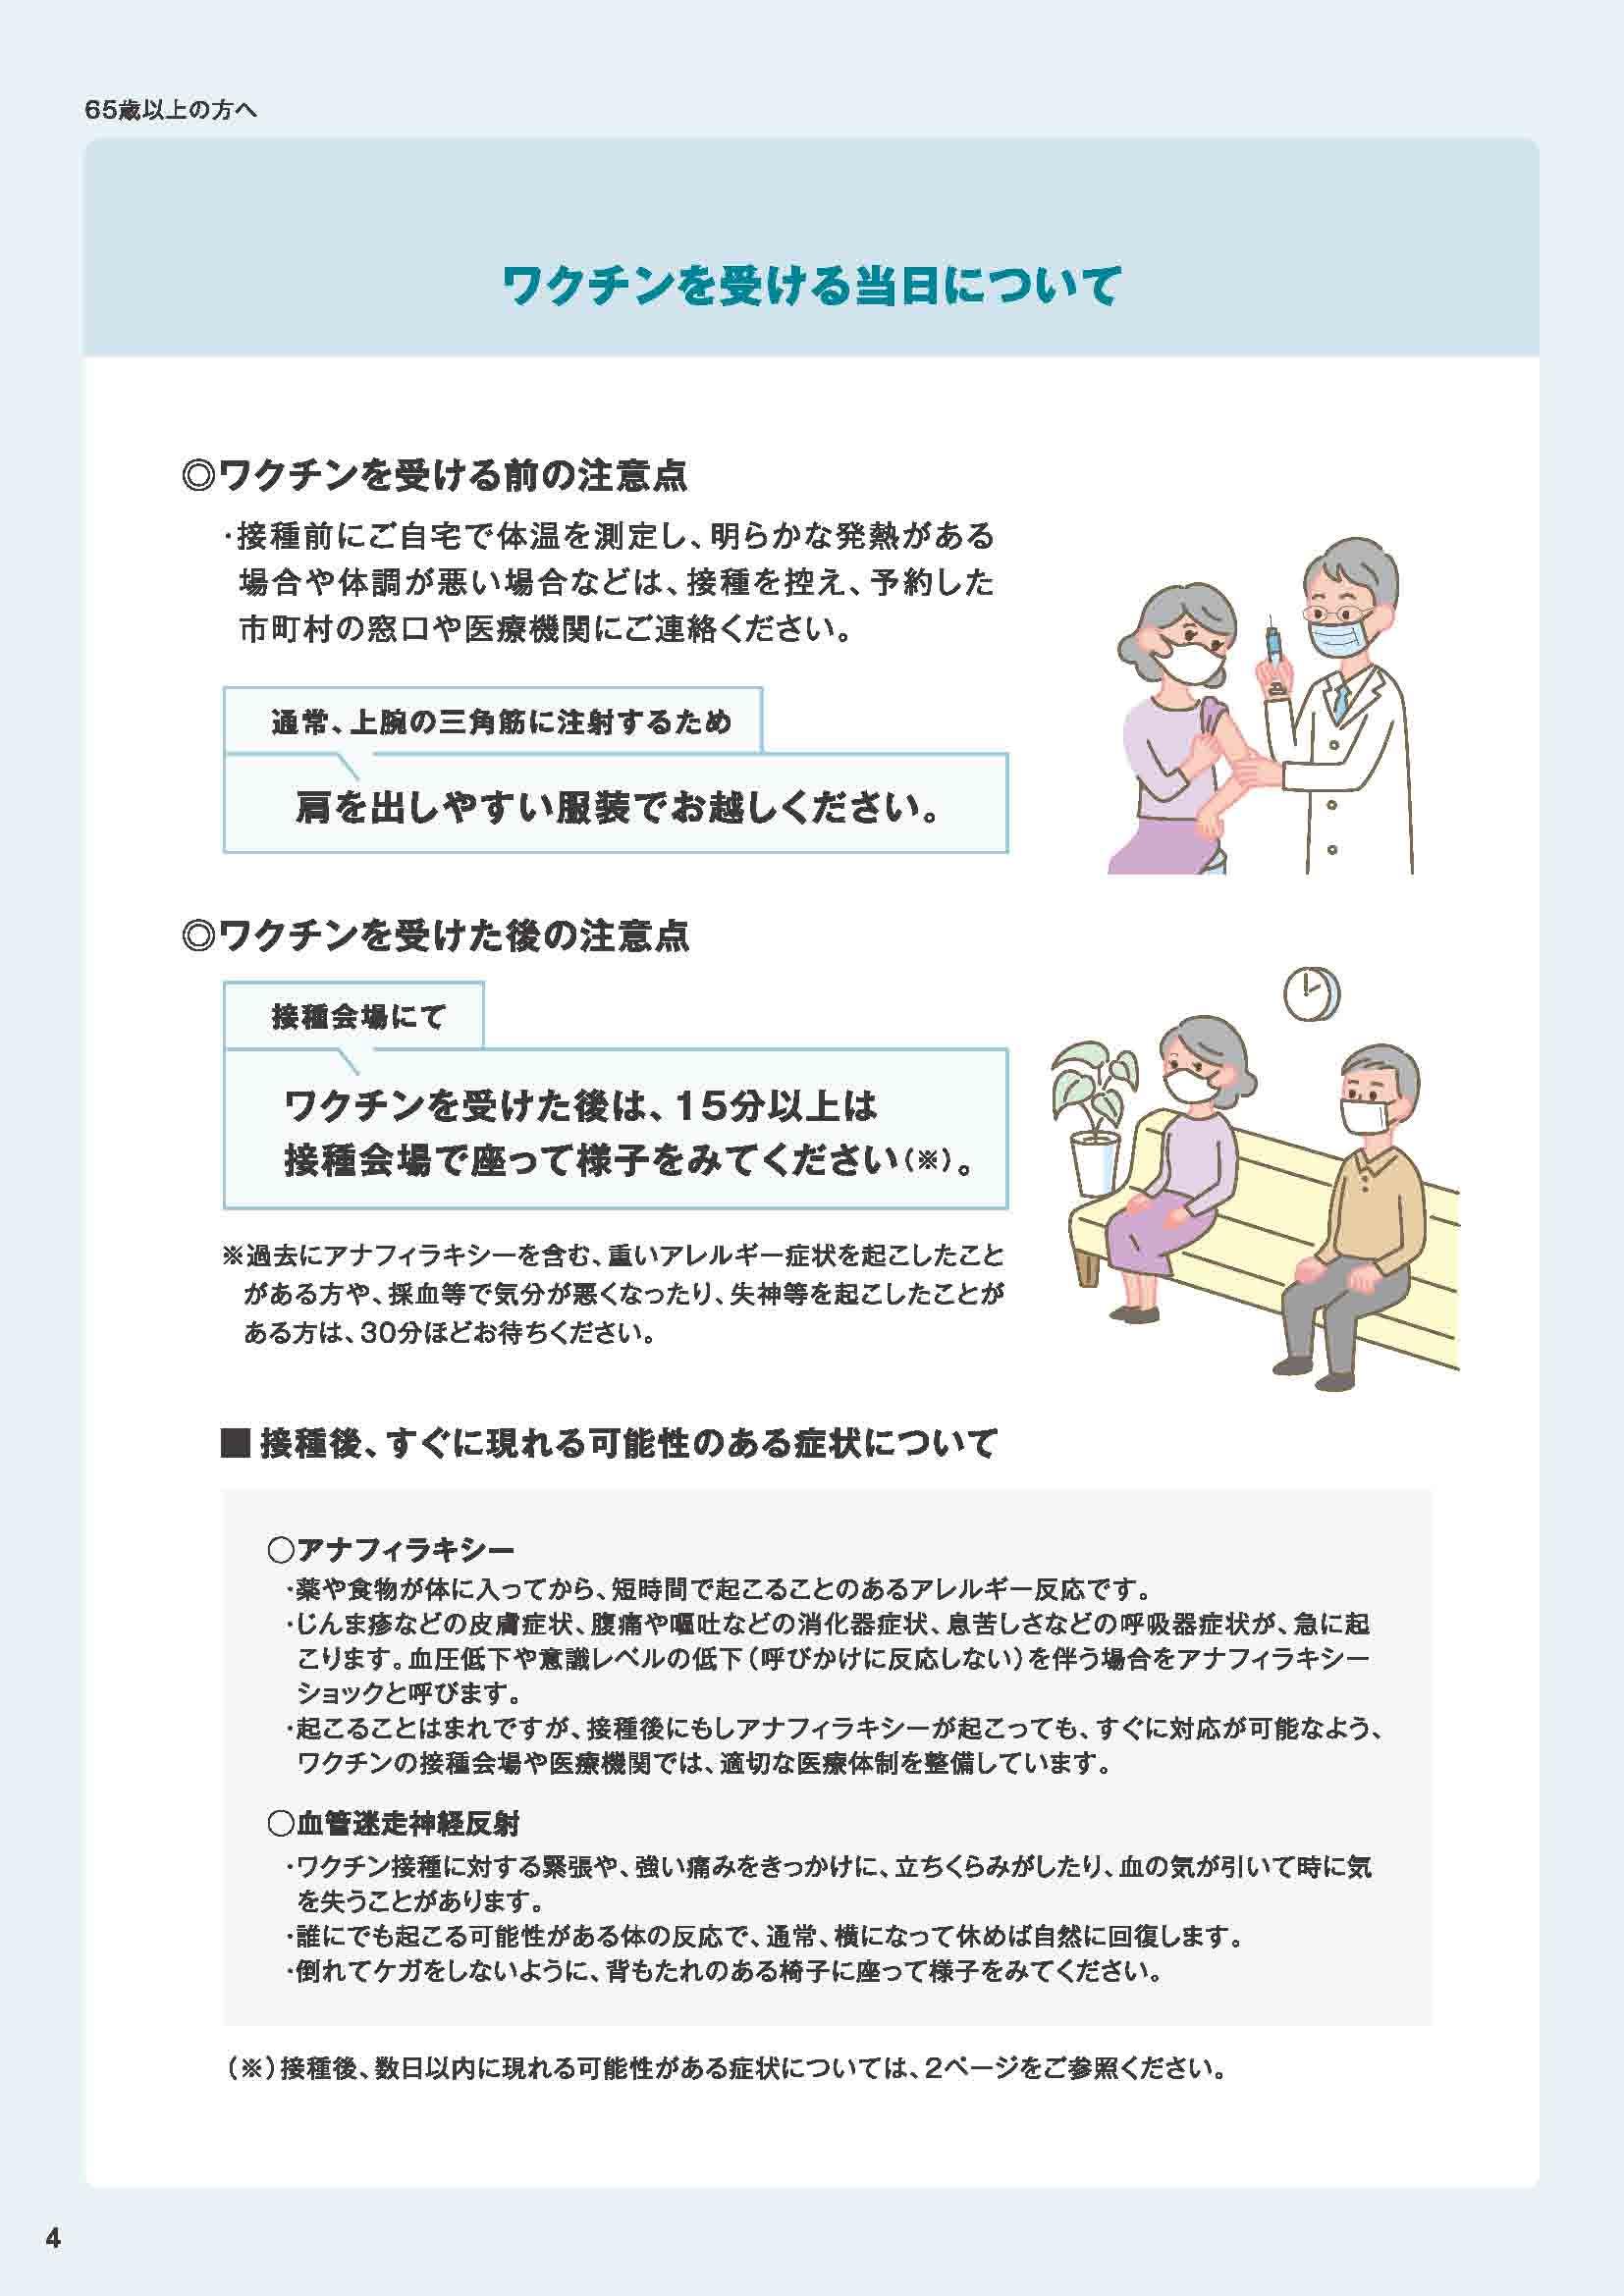 接種のお知らせ(高齢者接種)_ページ_4